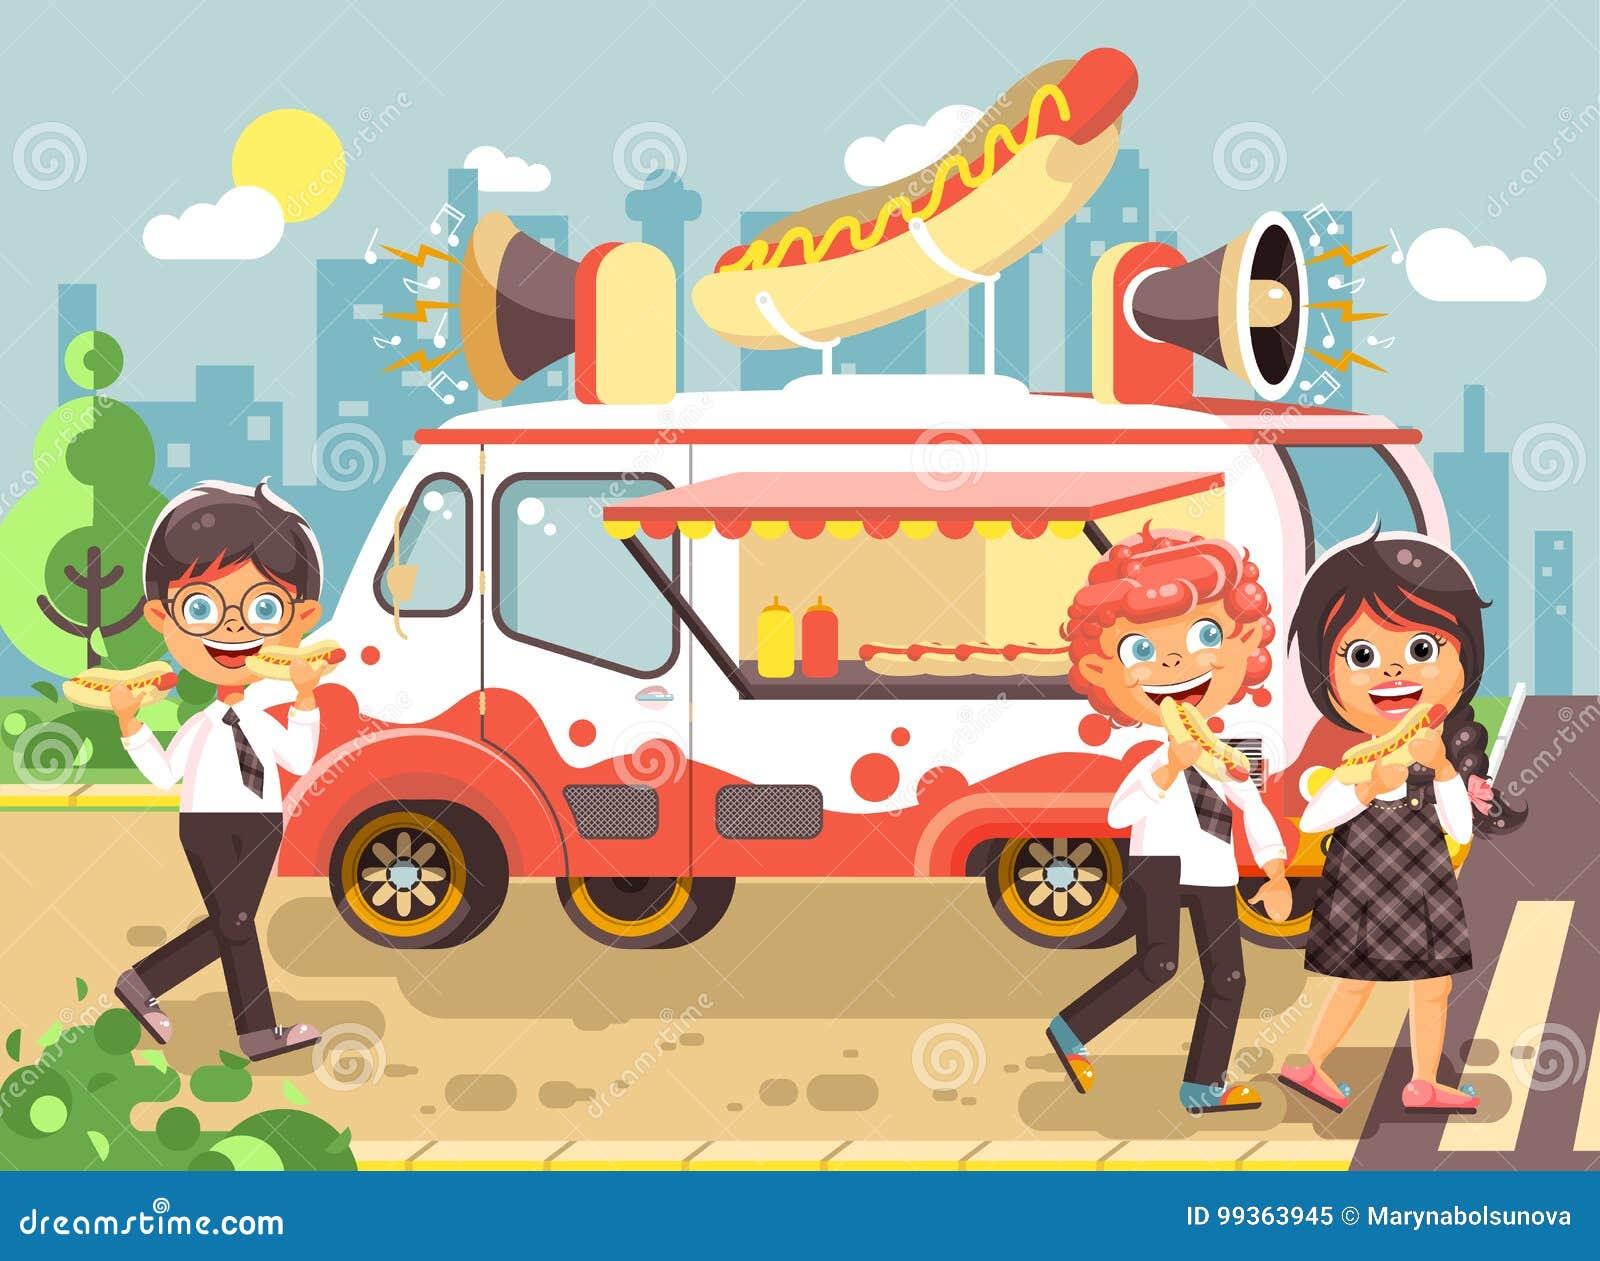 639c8eb52c4 Los niños, los alumnos, los colegiales y la colegiala comunes de los  personajes de dibujos animados del ejemplo del vector compran alimentos de  preparación ...